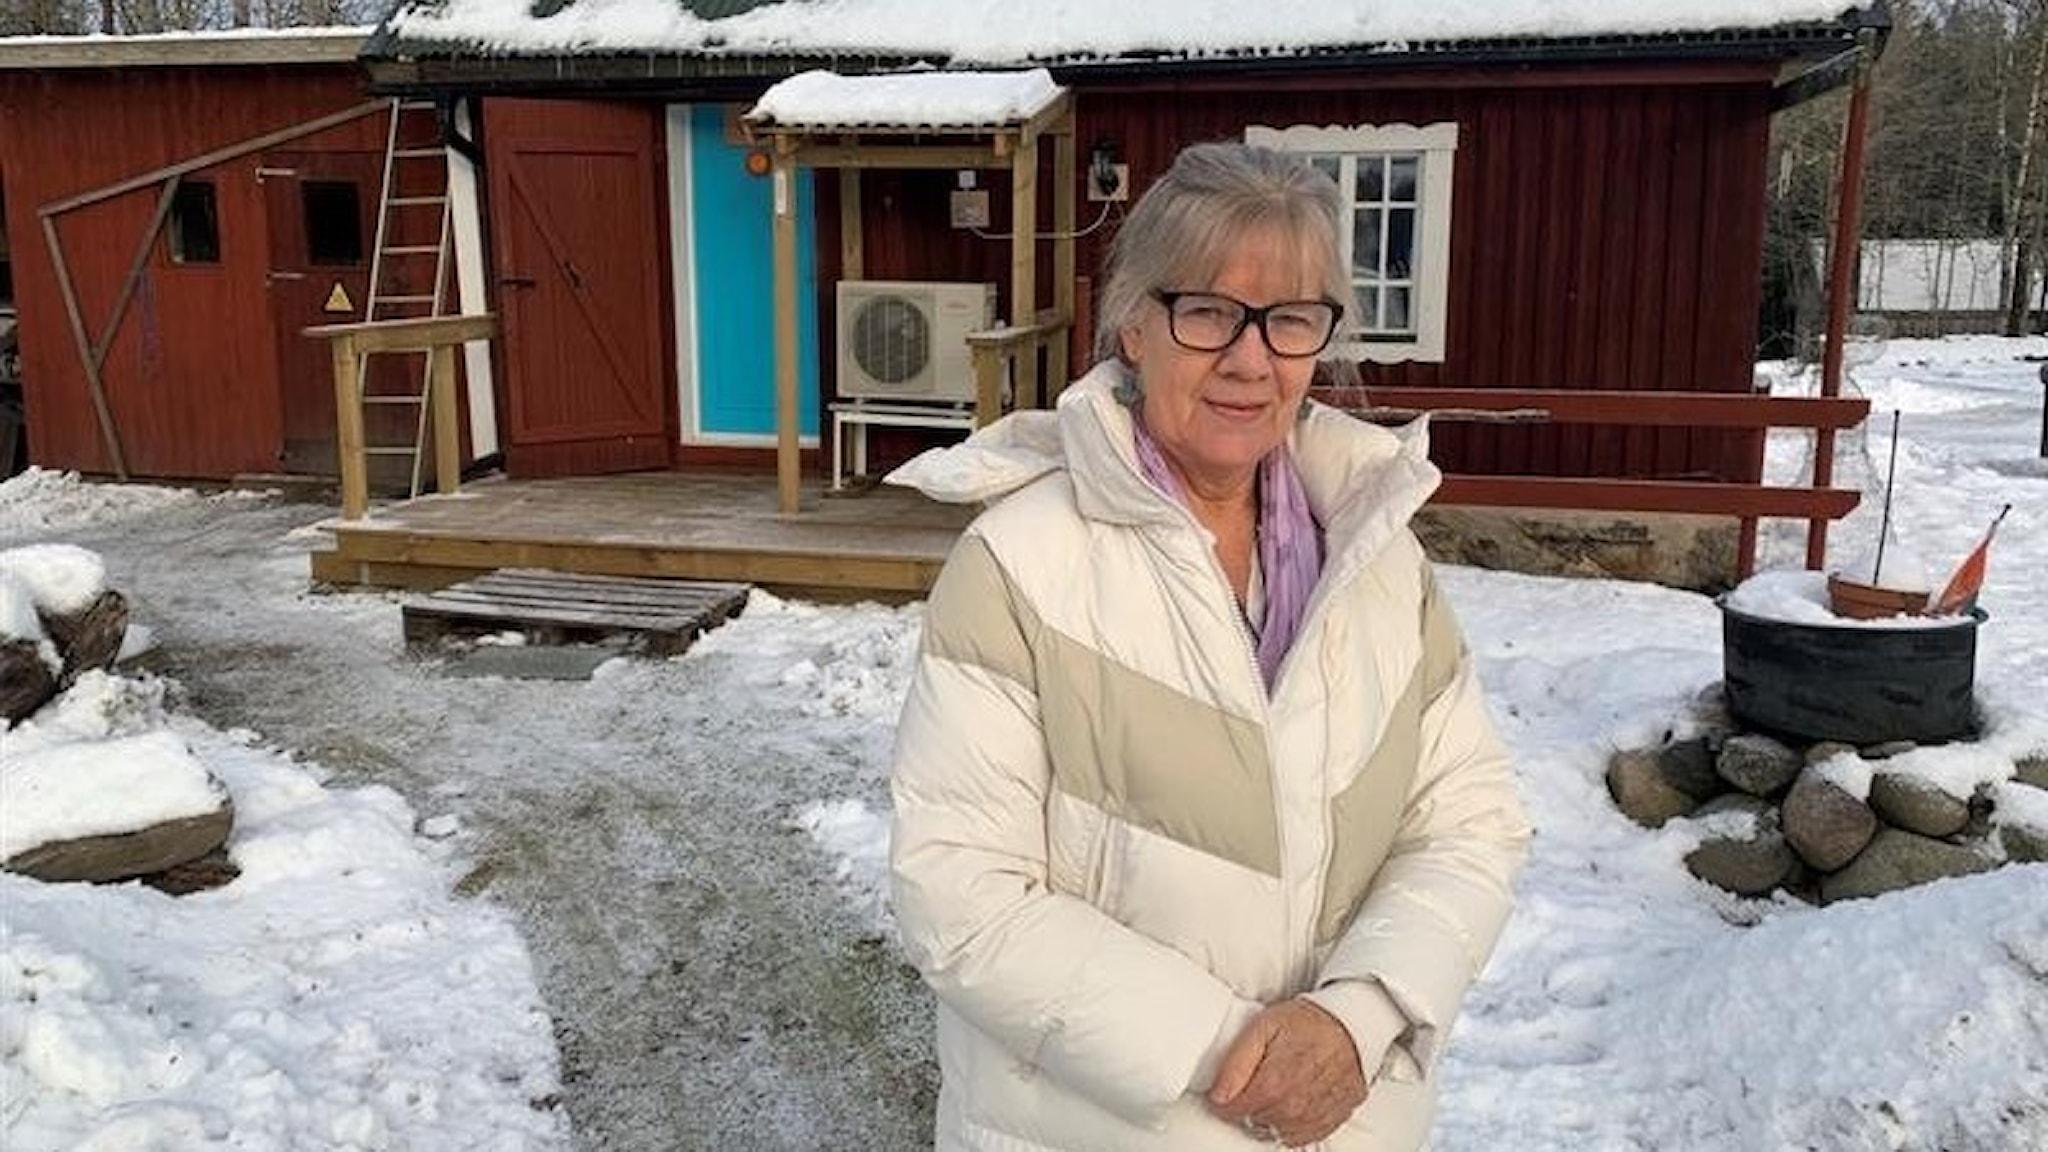 En kvinna står med en vit vinterkappa framför ett rött hus.